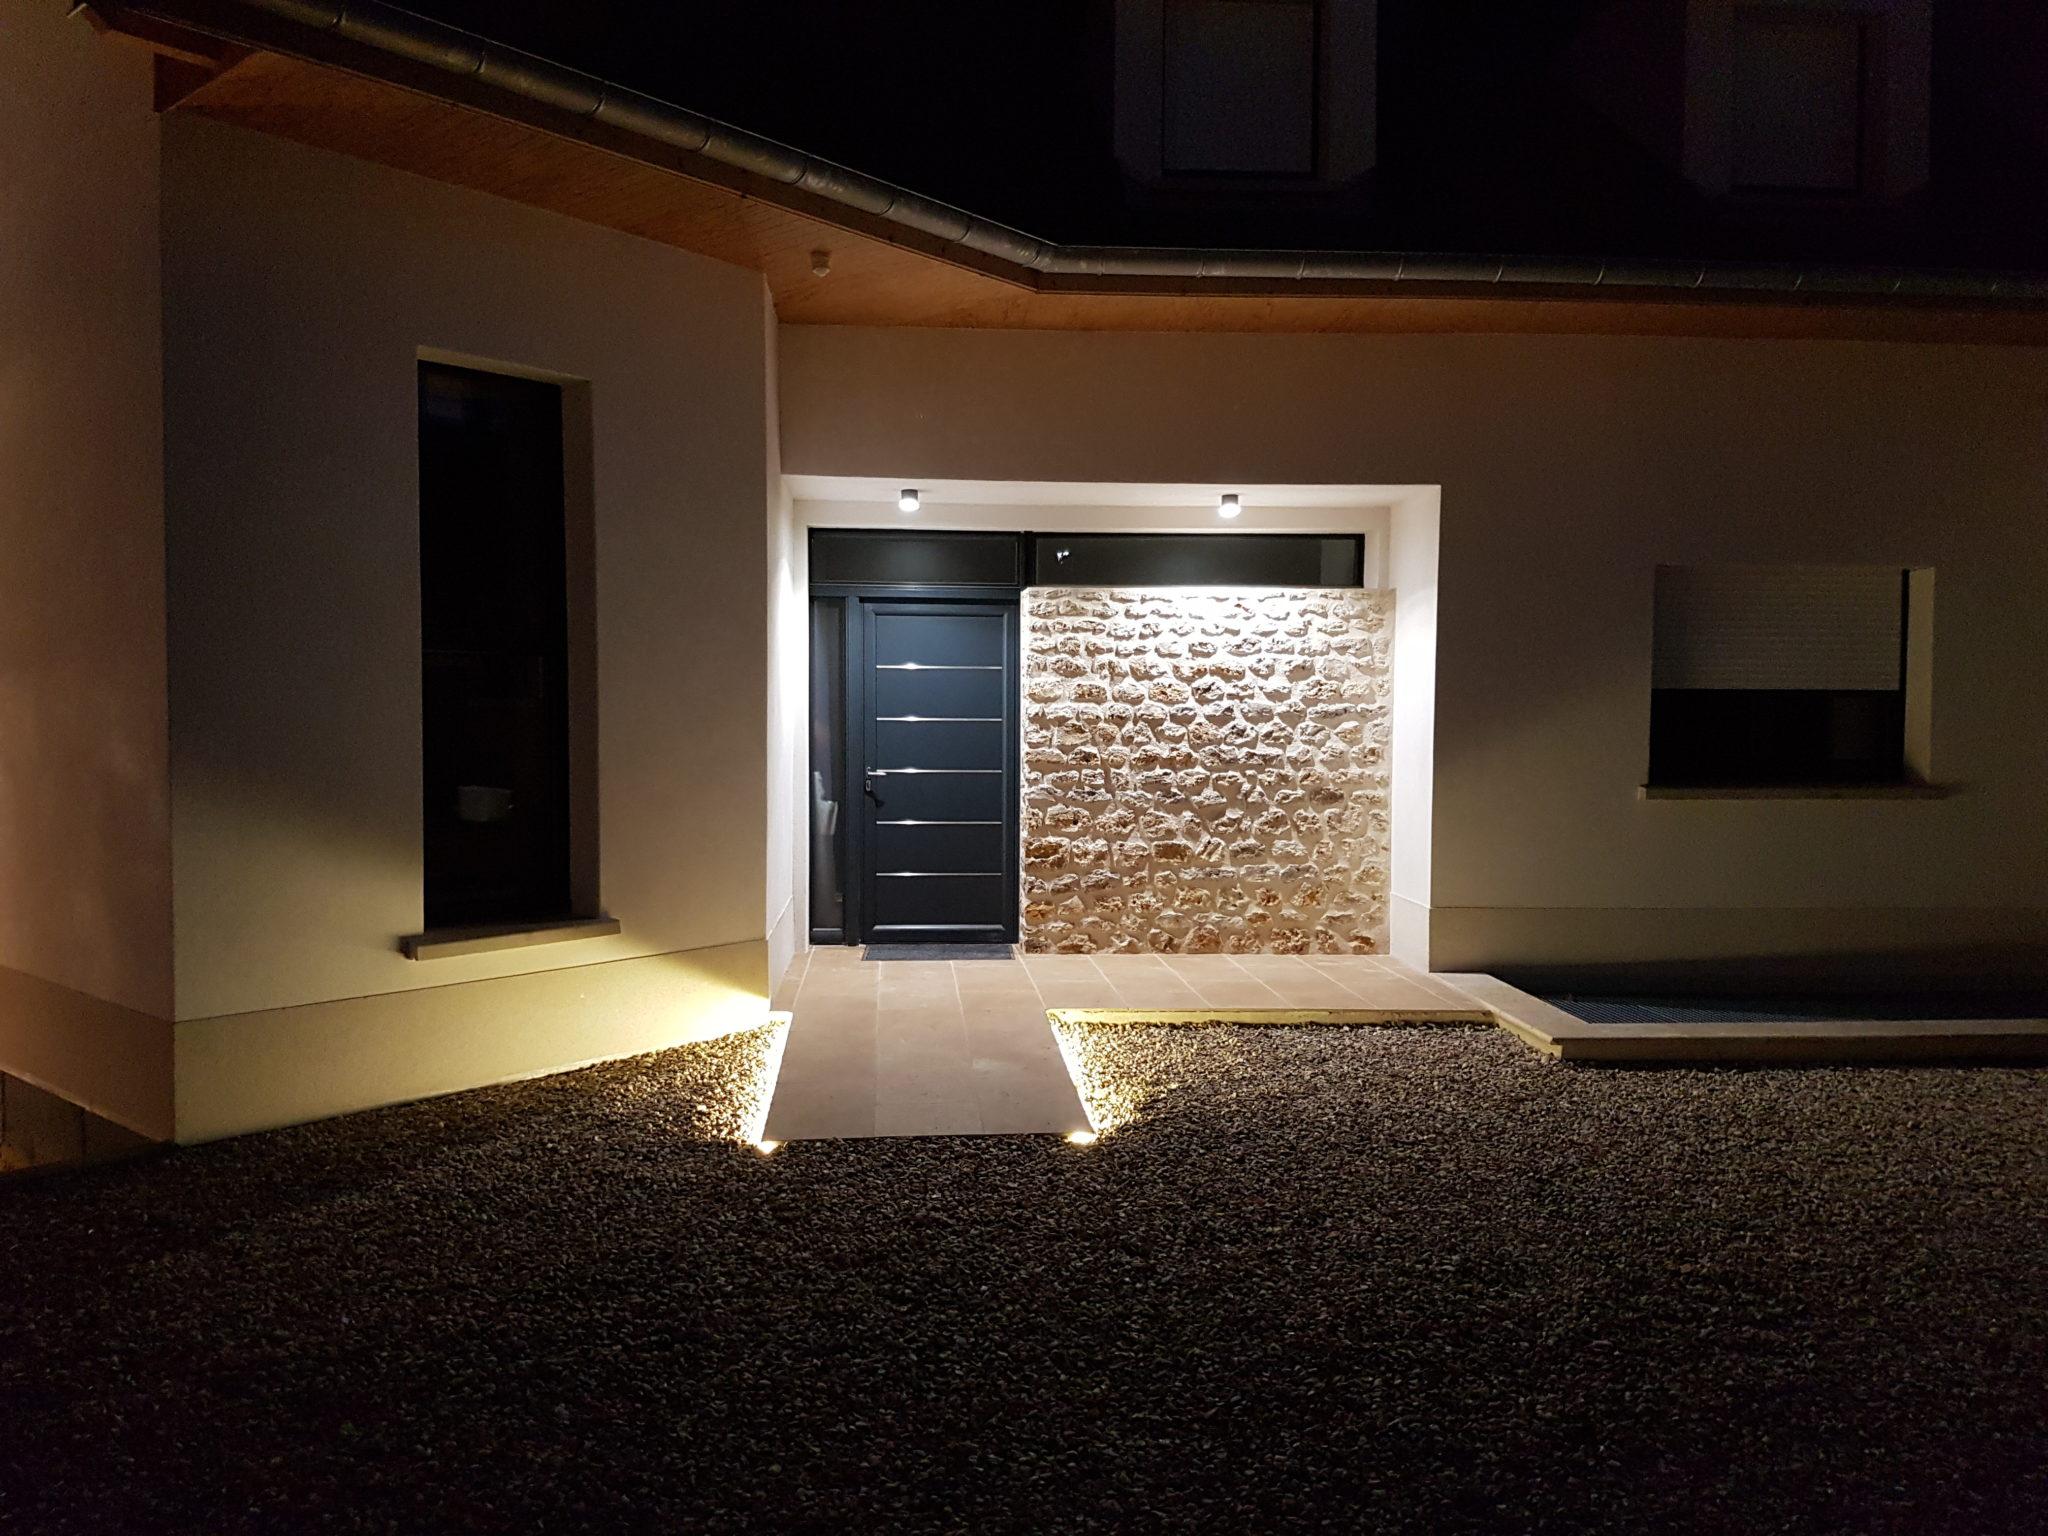 Photo d'ambiance de la lumière extérieure d'une maison moderne pour embellir l'entrée